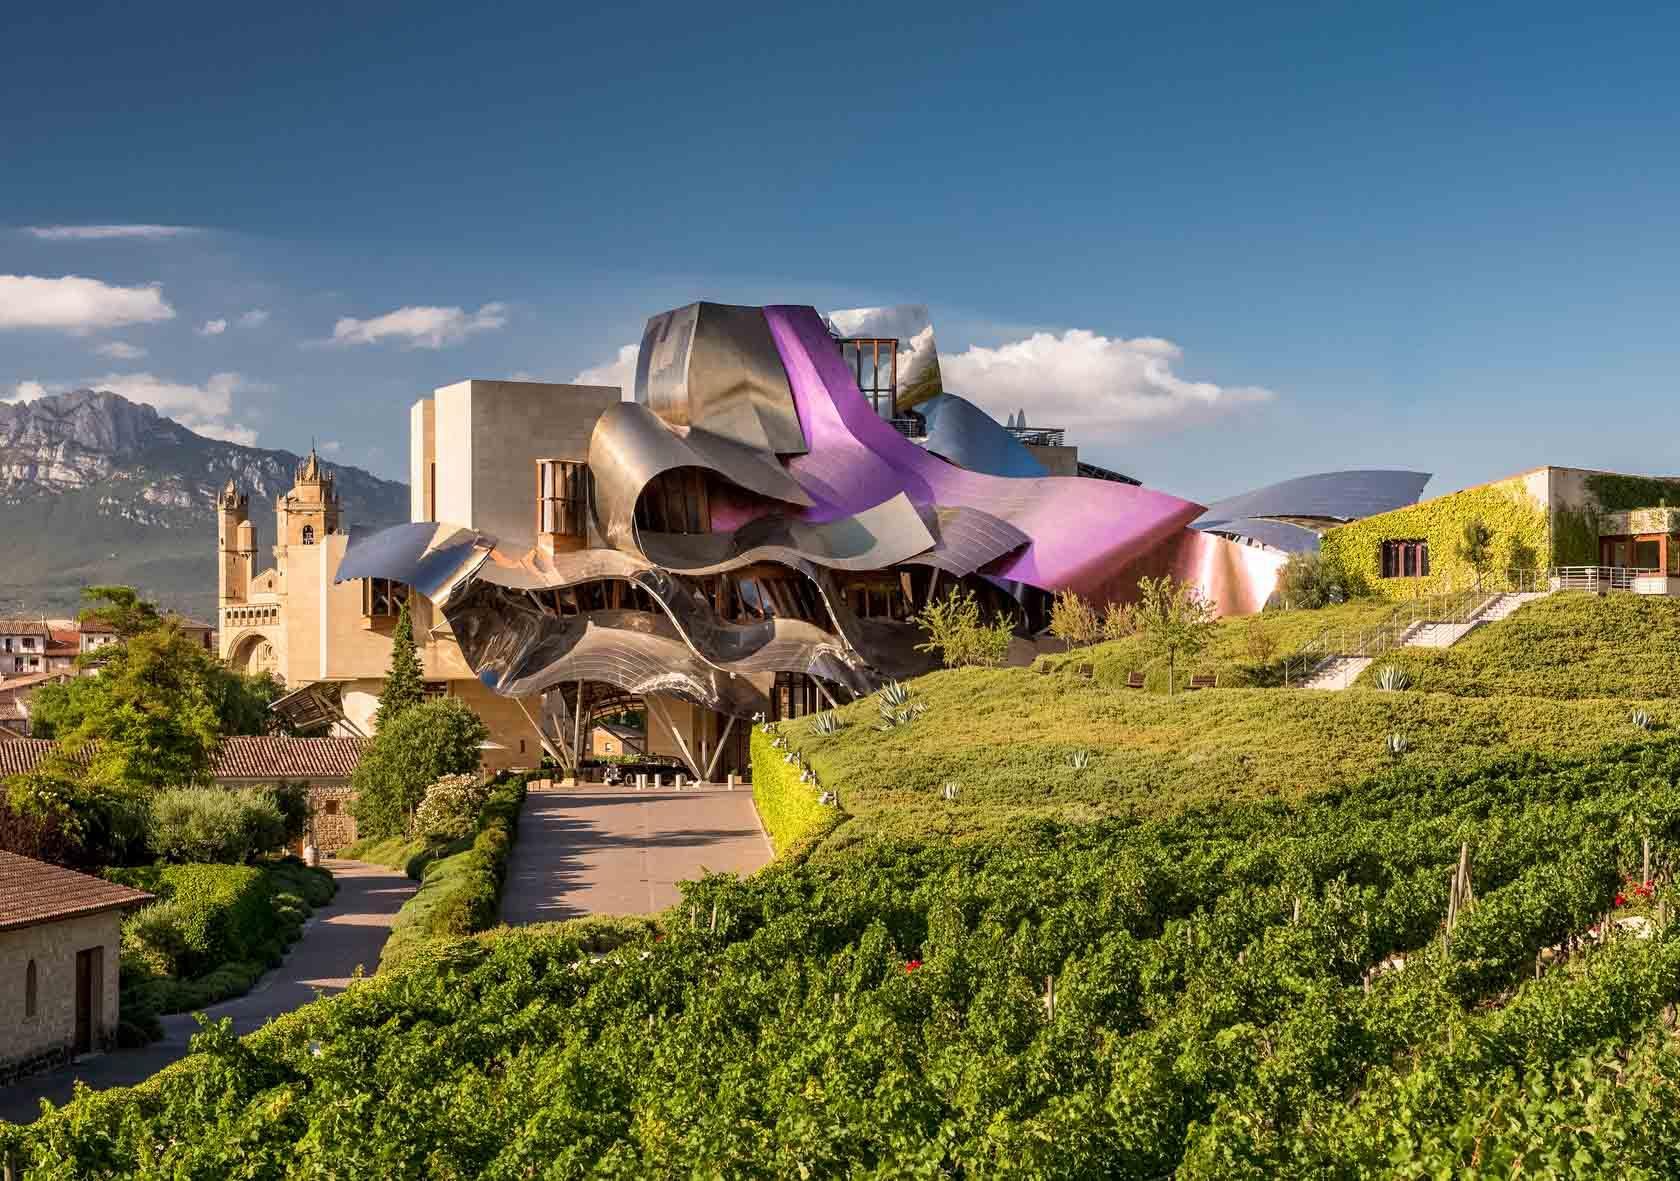 Les tôles ondulées de Frank Ghery rappellent le musée Guggenheim de Bilbao © Hotel Marqués de Riscal